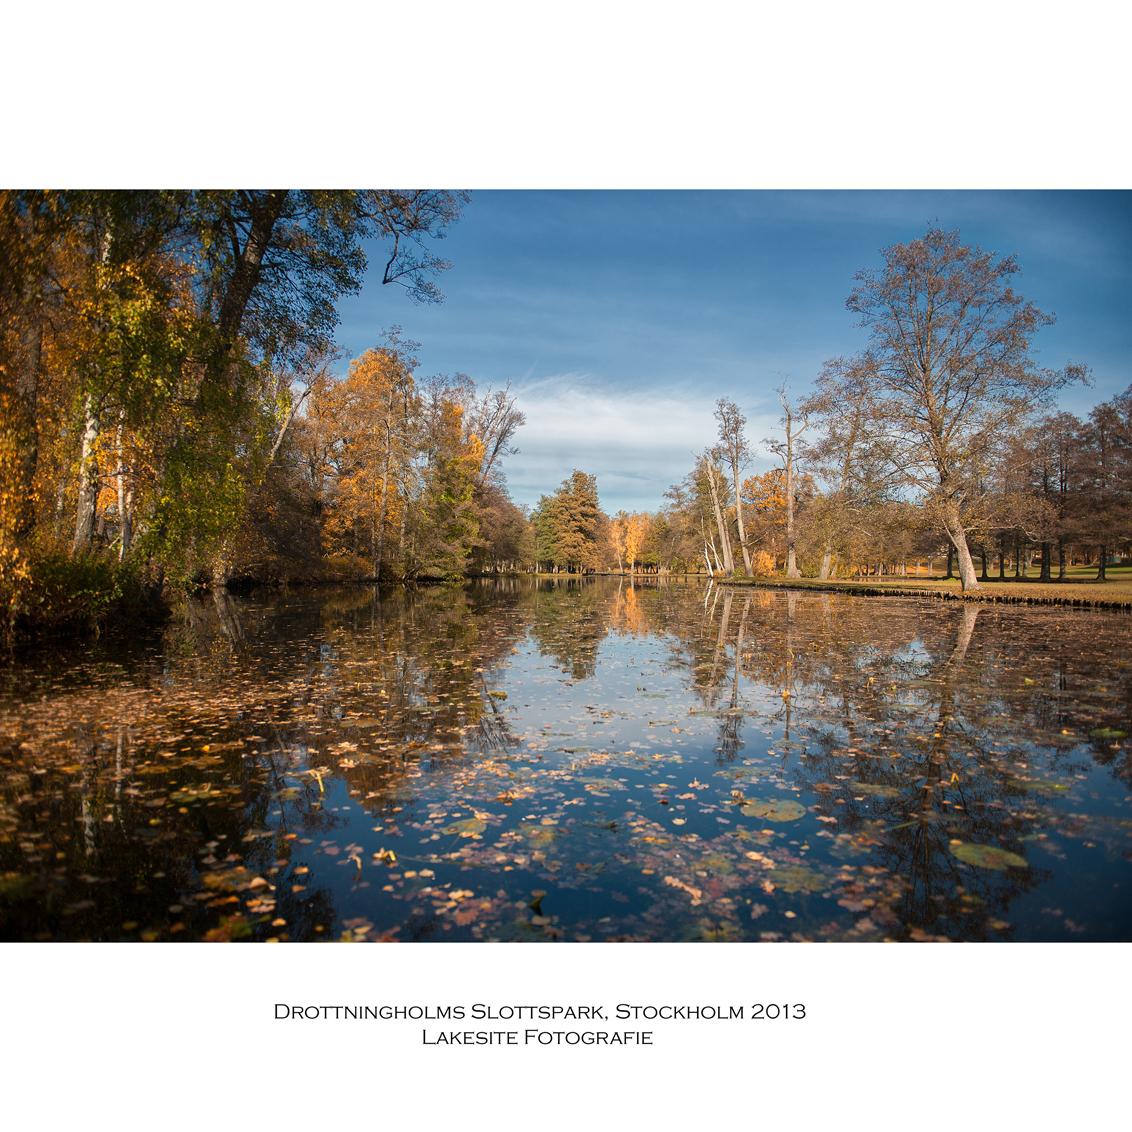 Paleistuin Drottningholm, Stockholm 2013 - waterpartij in Drottningholms Slottparken - foto door Lakesite op 01-01-2014 - deze foto bevat: kleur, water, herfst, reizen, stad, nikon, zweden, stockholm, d700, 2013, D7100